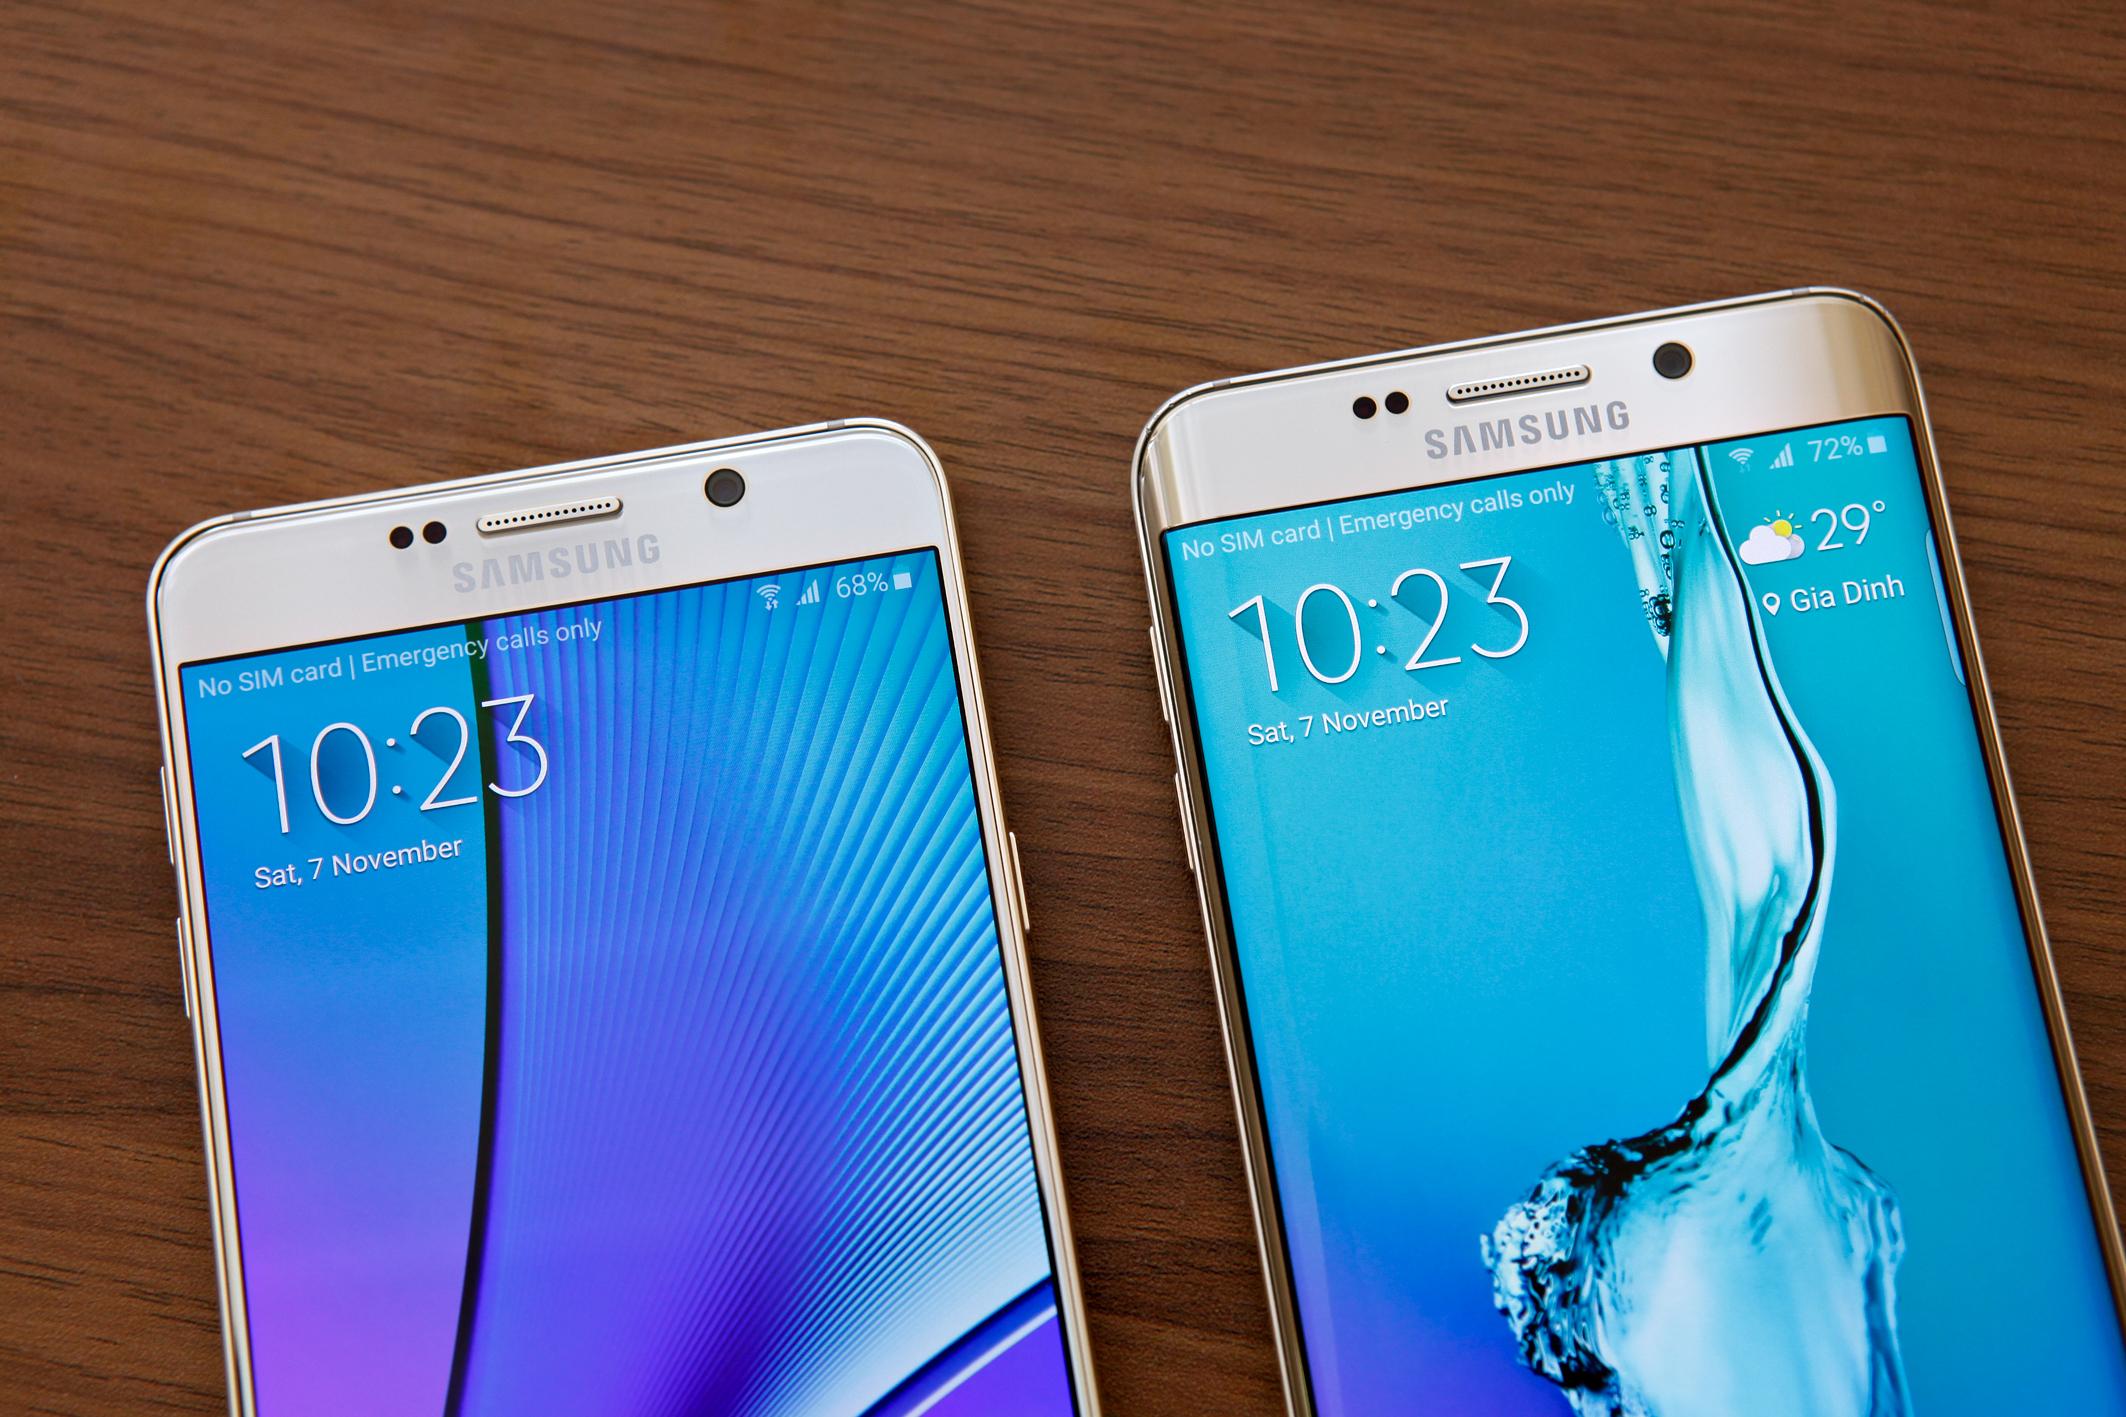 Diện mạo Galaxy S6 Edge Plus và Note 5 sắc nét